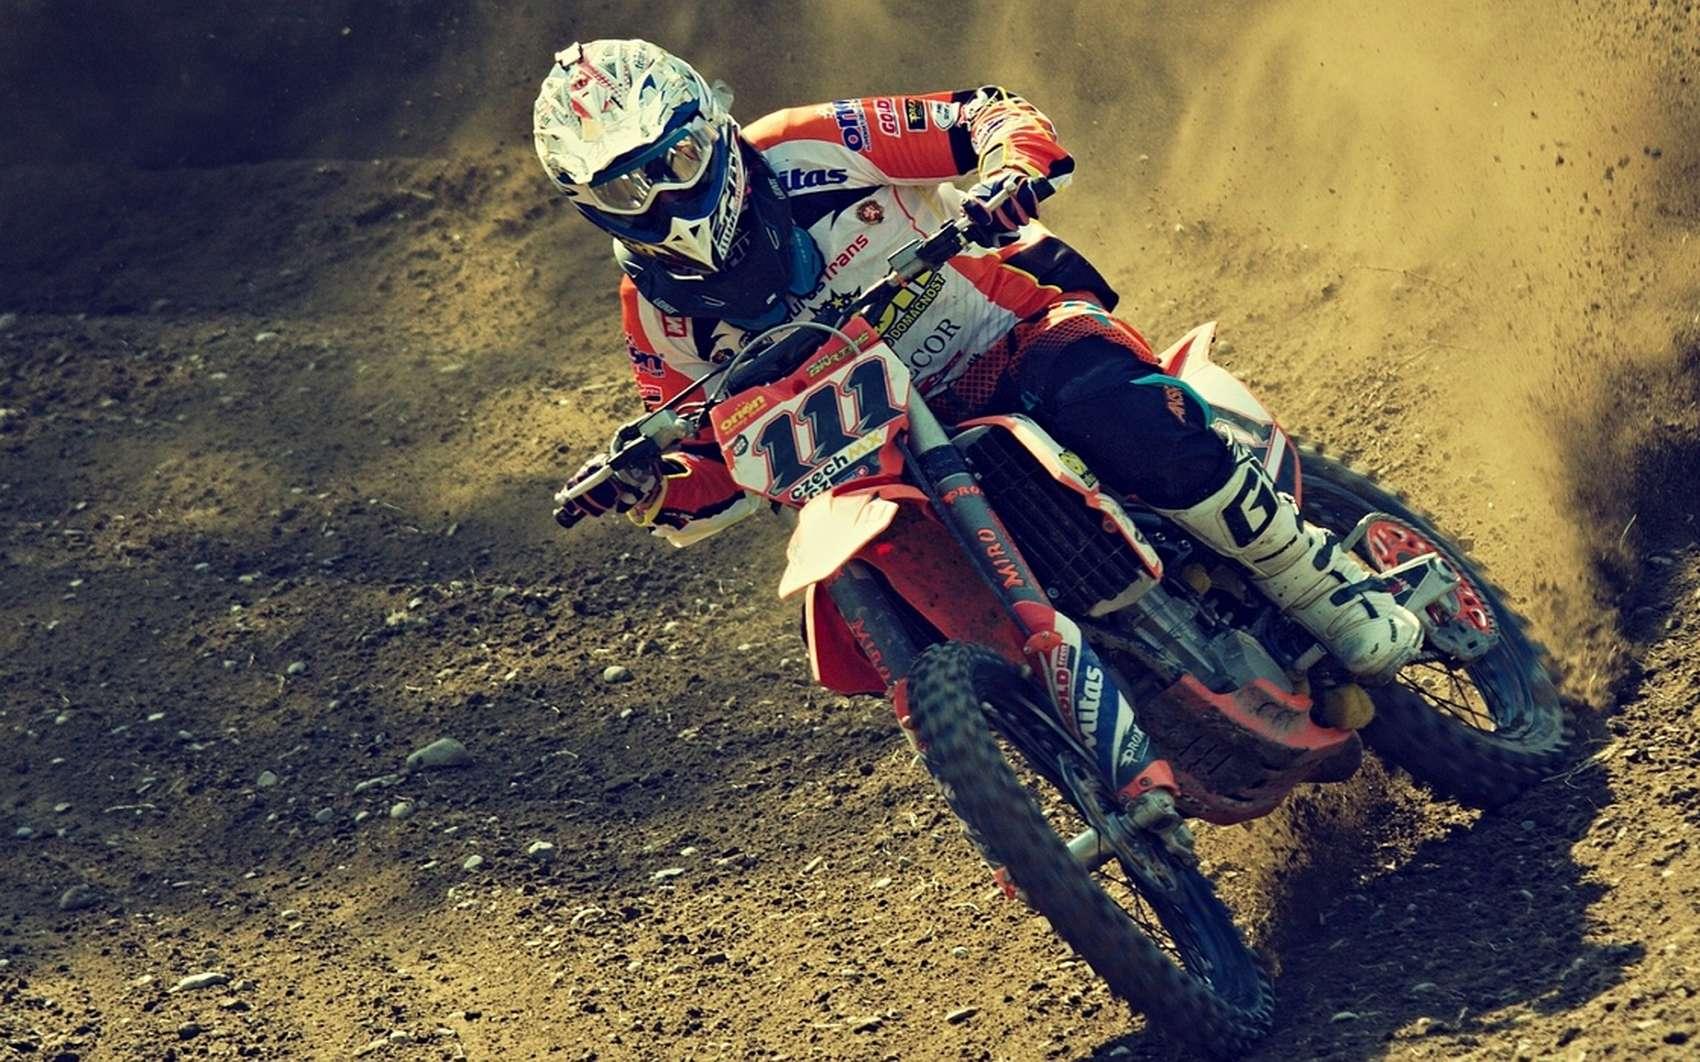 Motocross électrique © Pexels by Pixabay